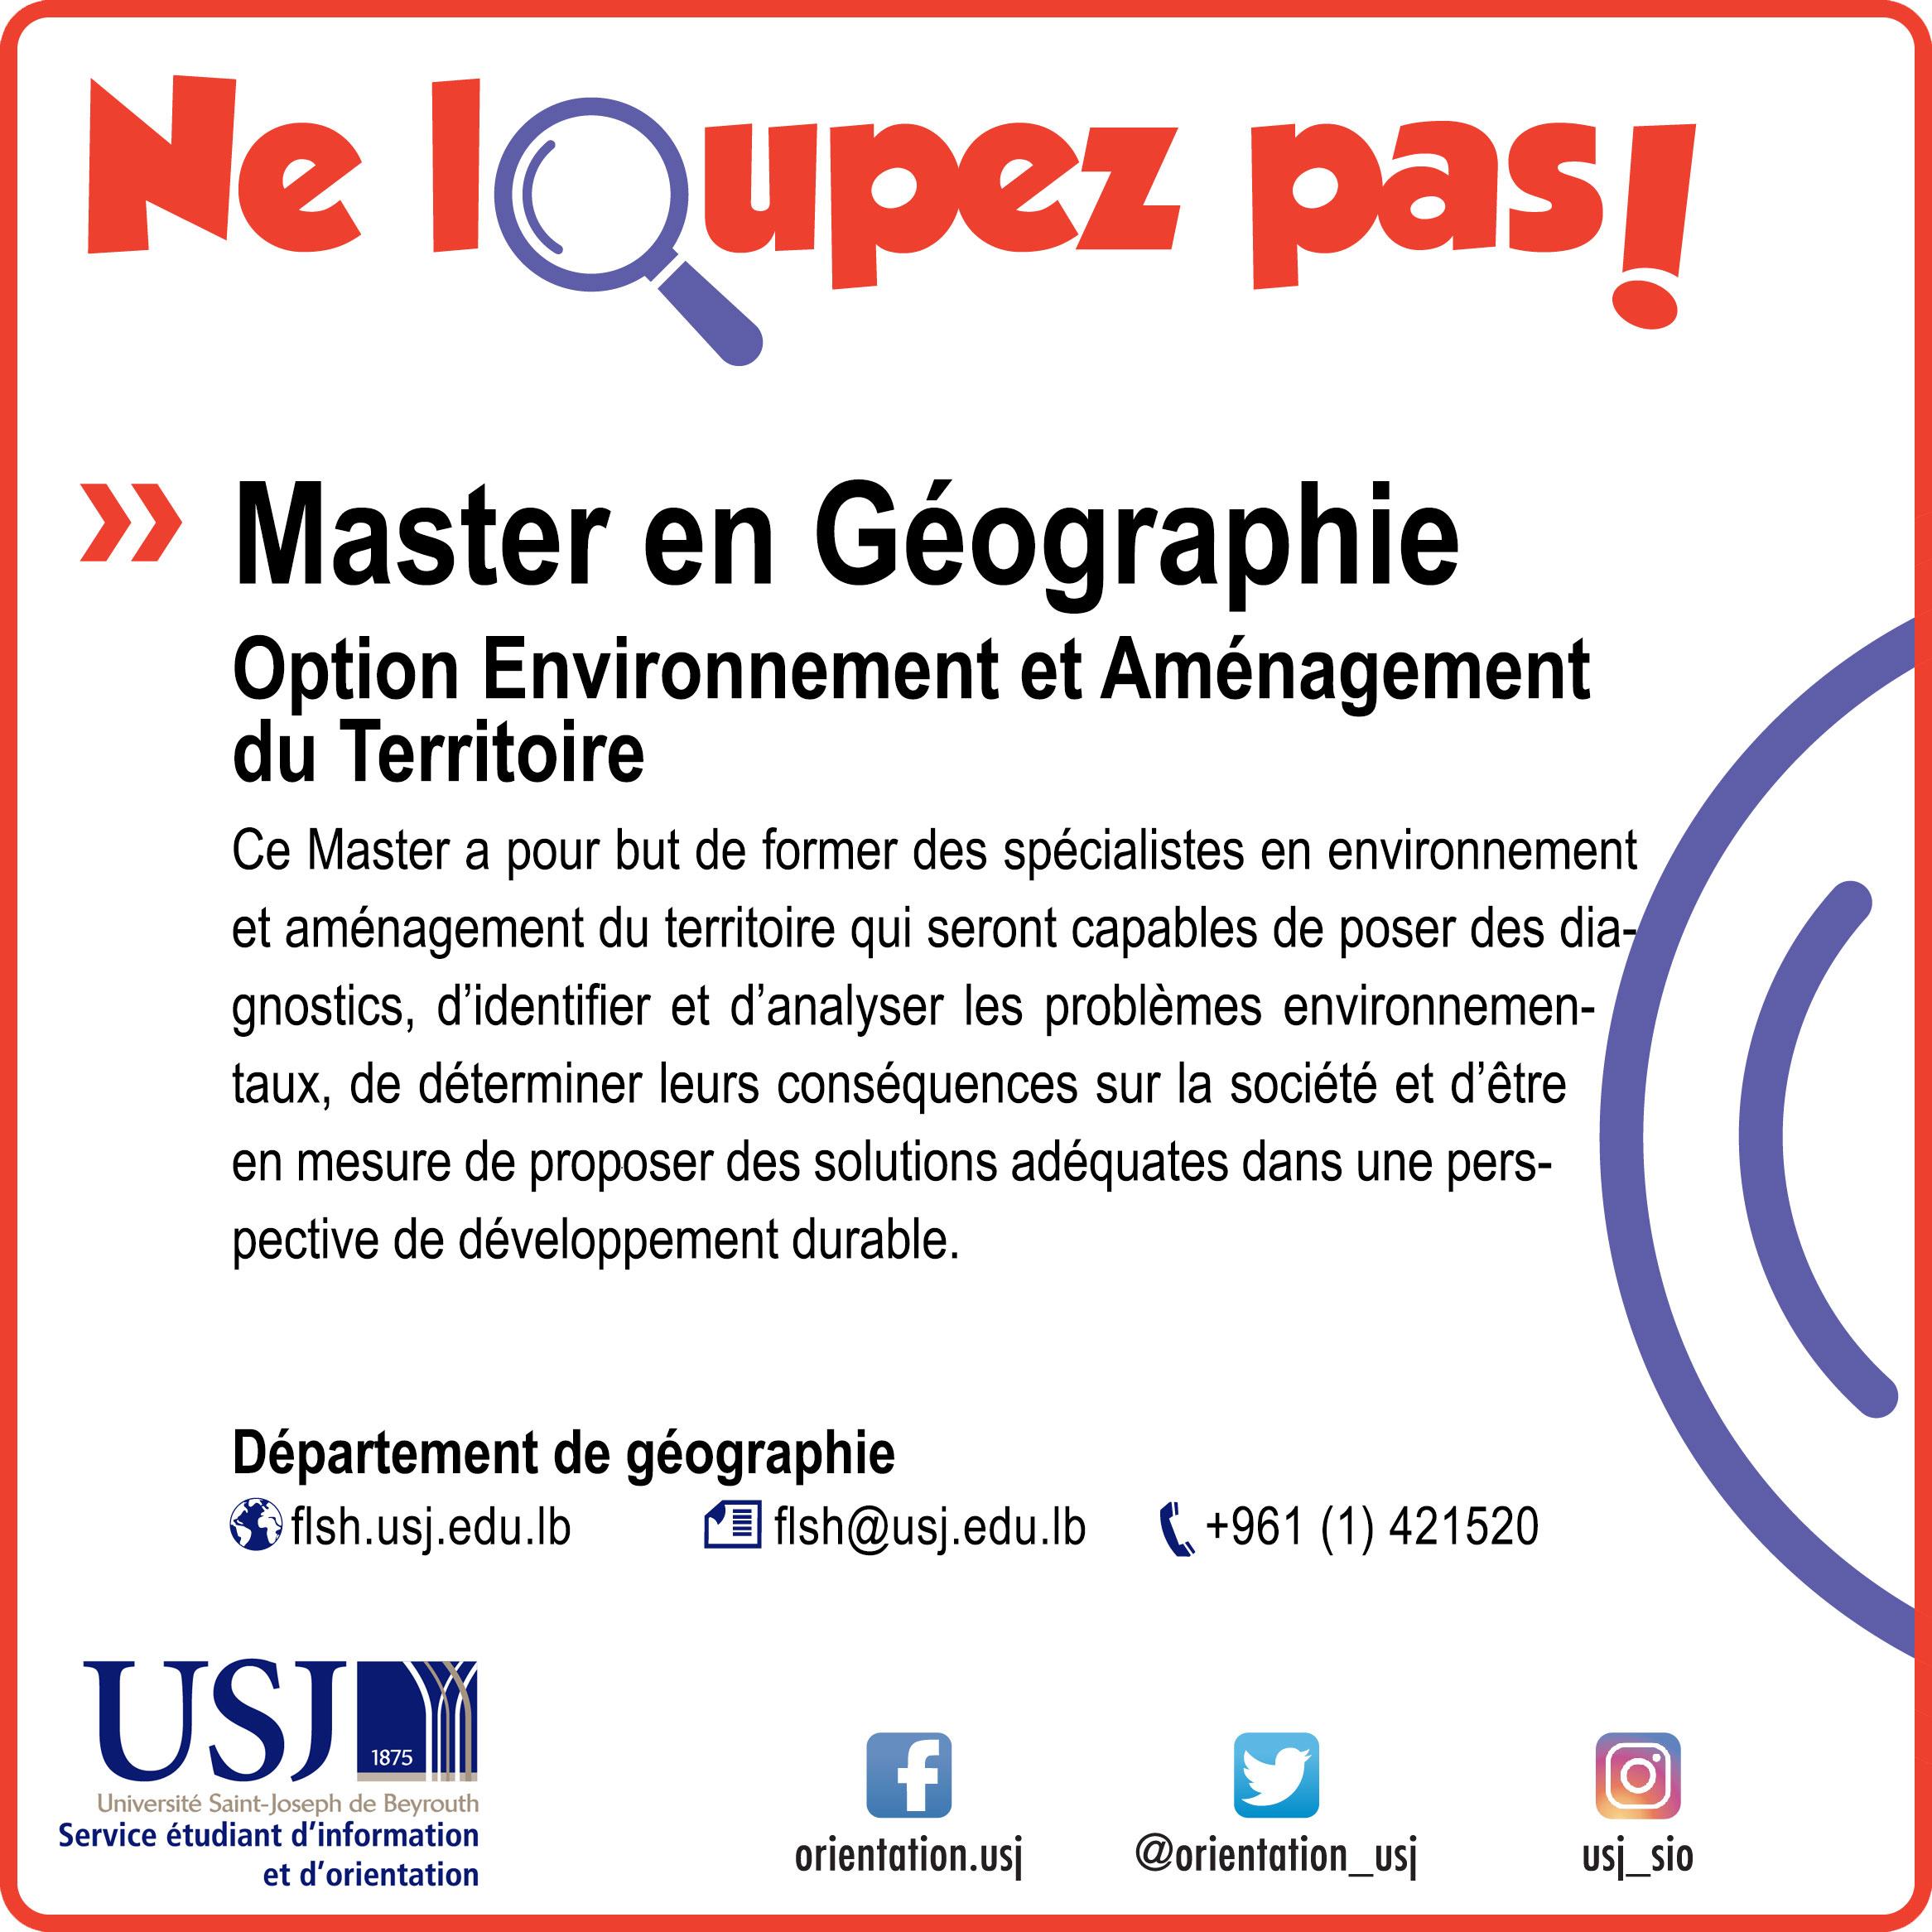 Master en Géographie- Option Environnement et Aménagement du Territoire